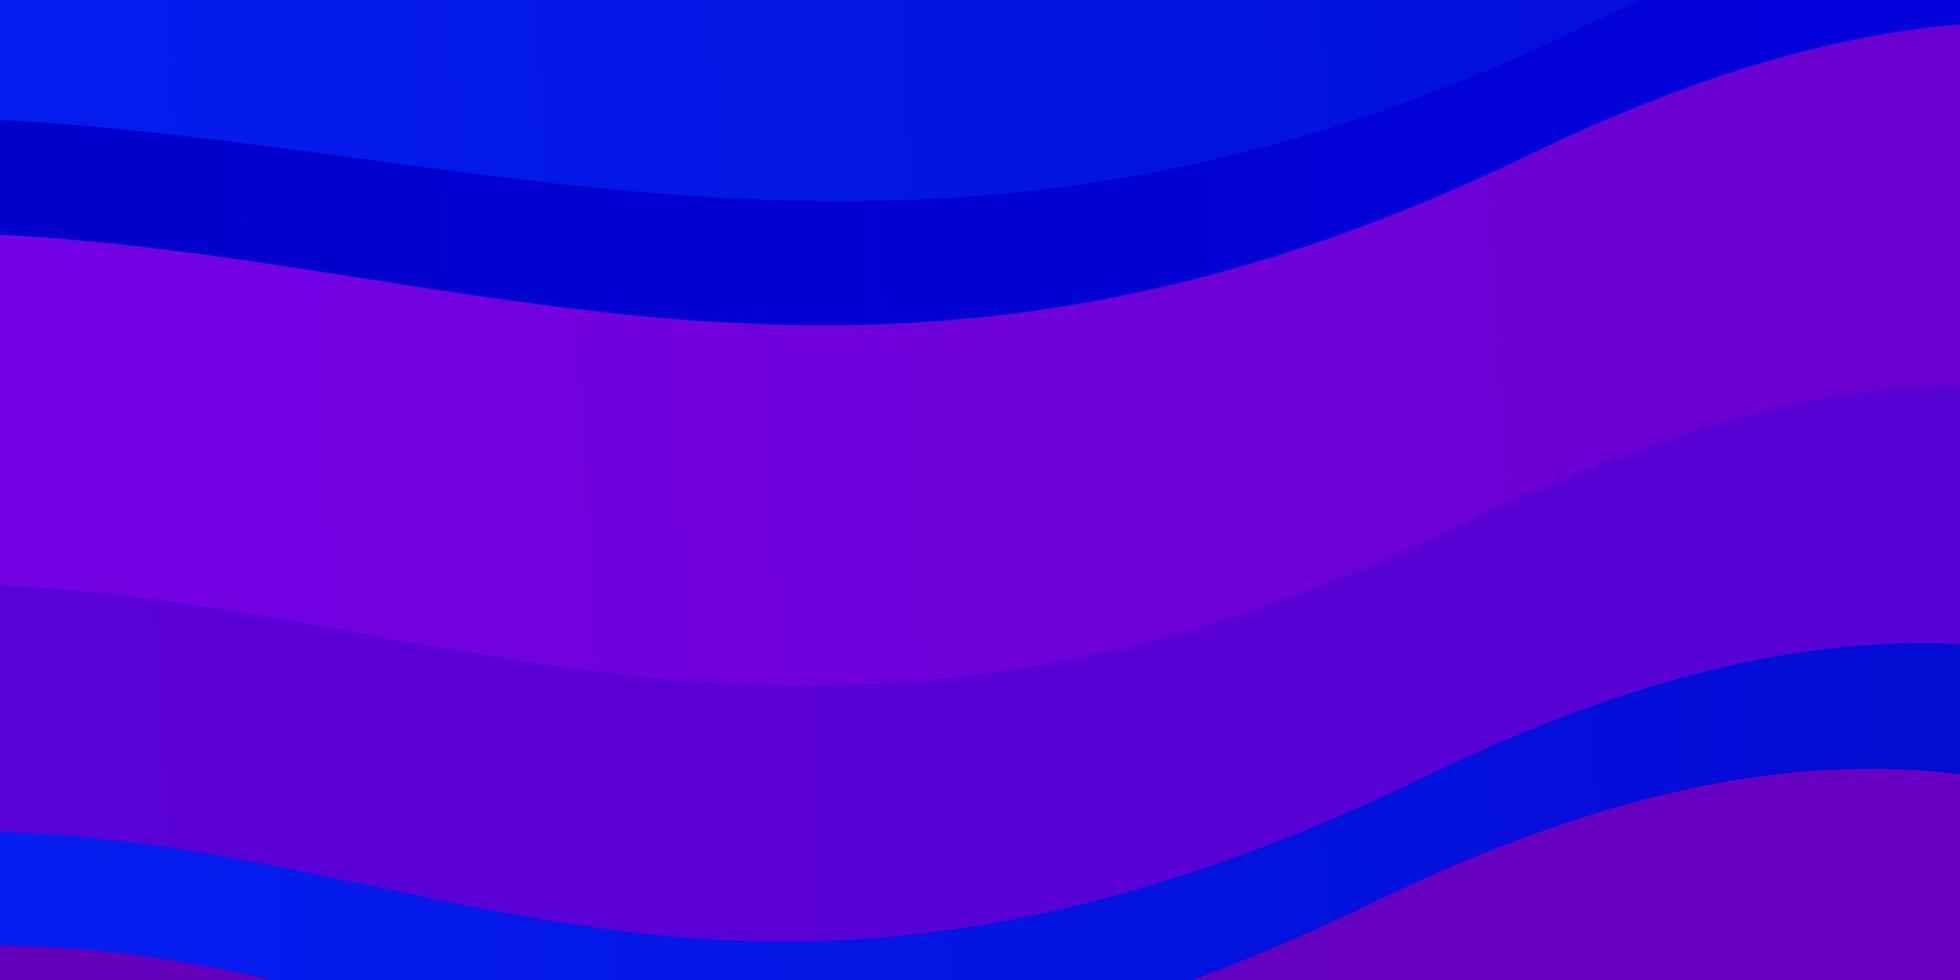 fond de vecteur rose clair, bleu avec des lignes pliées.